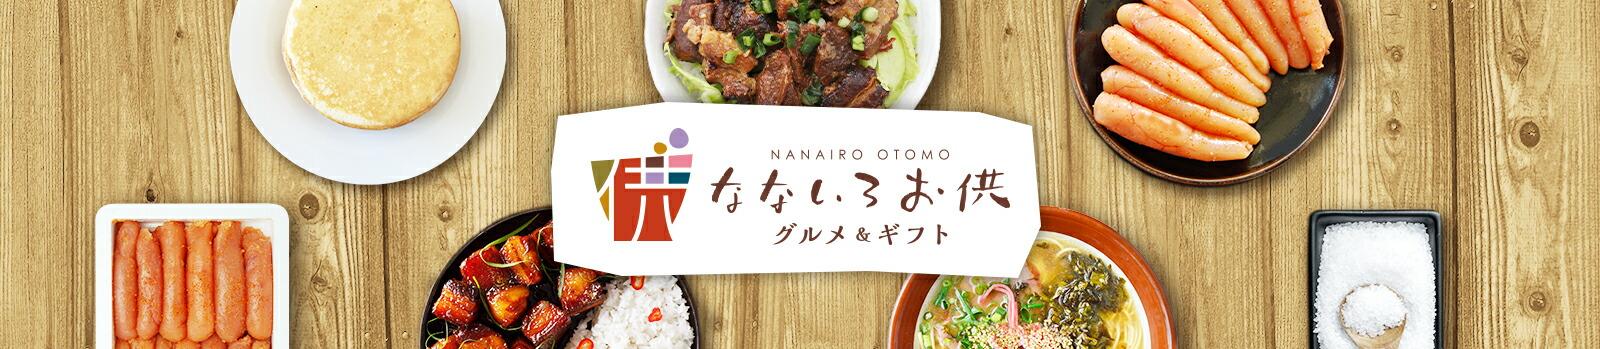 博多直送 明太子専門店 うまみ堂